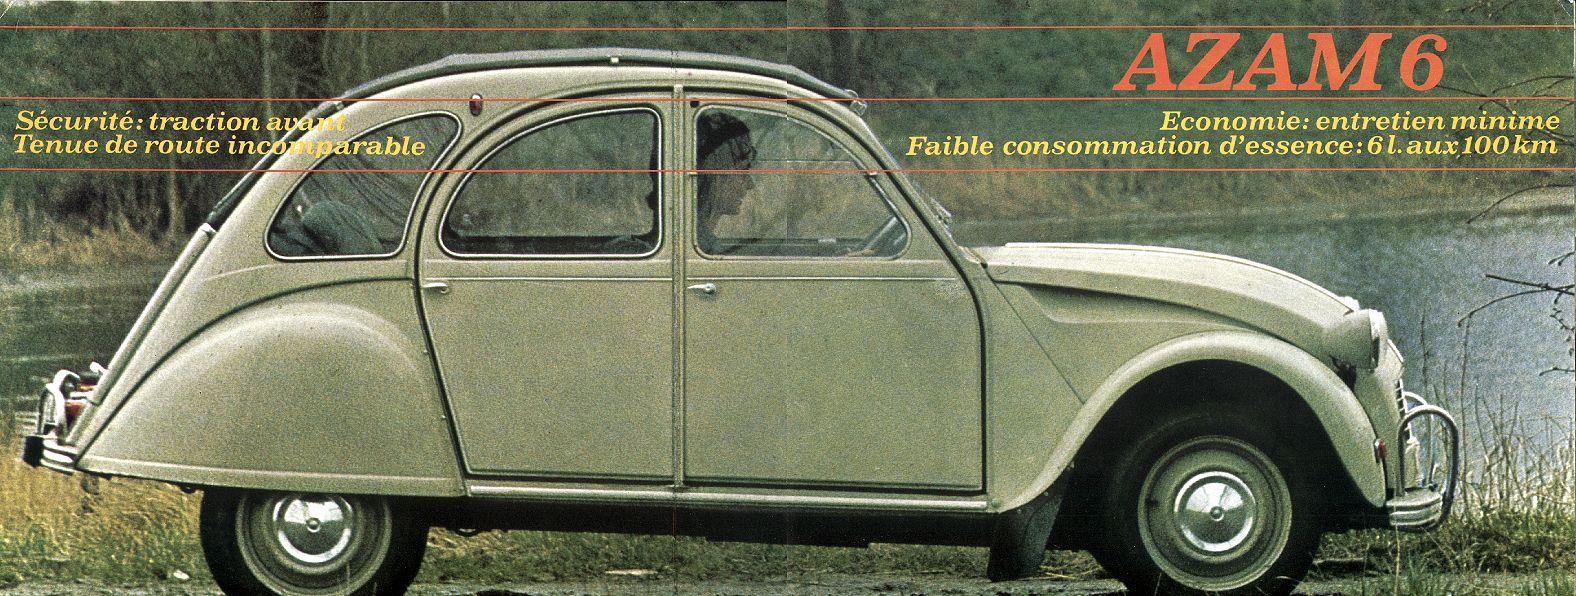 The Fantastic Citroen 2cv Pages Citroen 2cv Citroen Car Icons